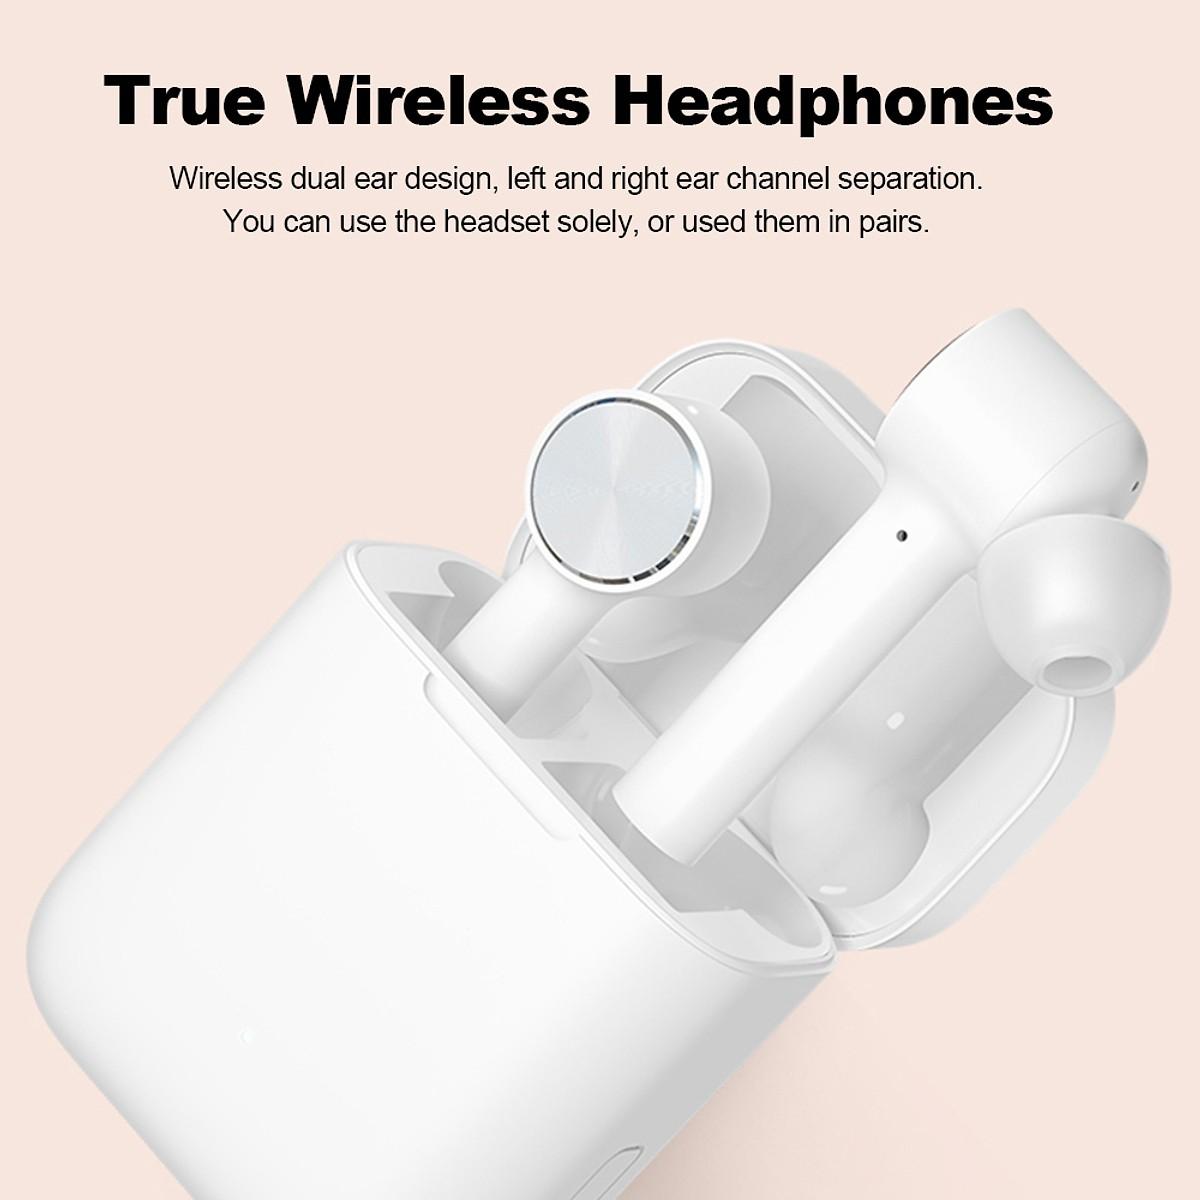 Tai Nghe True Wireless Xiaomi Redmi Airdots Pro - Hàng Chính Hãng